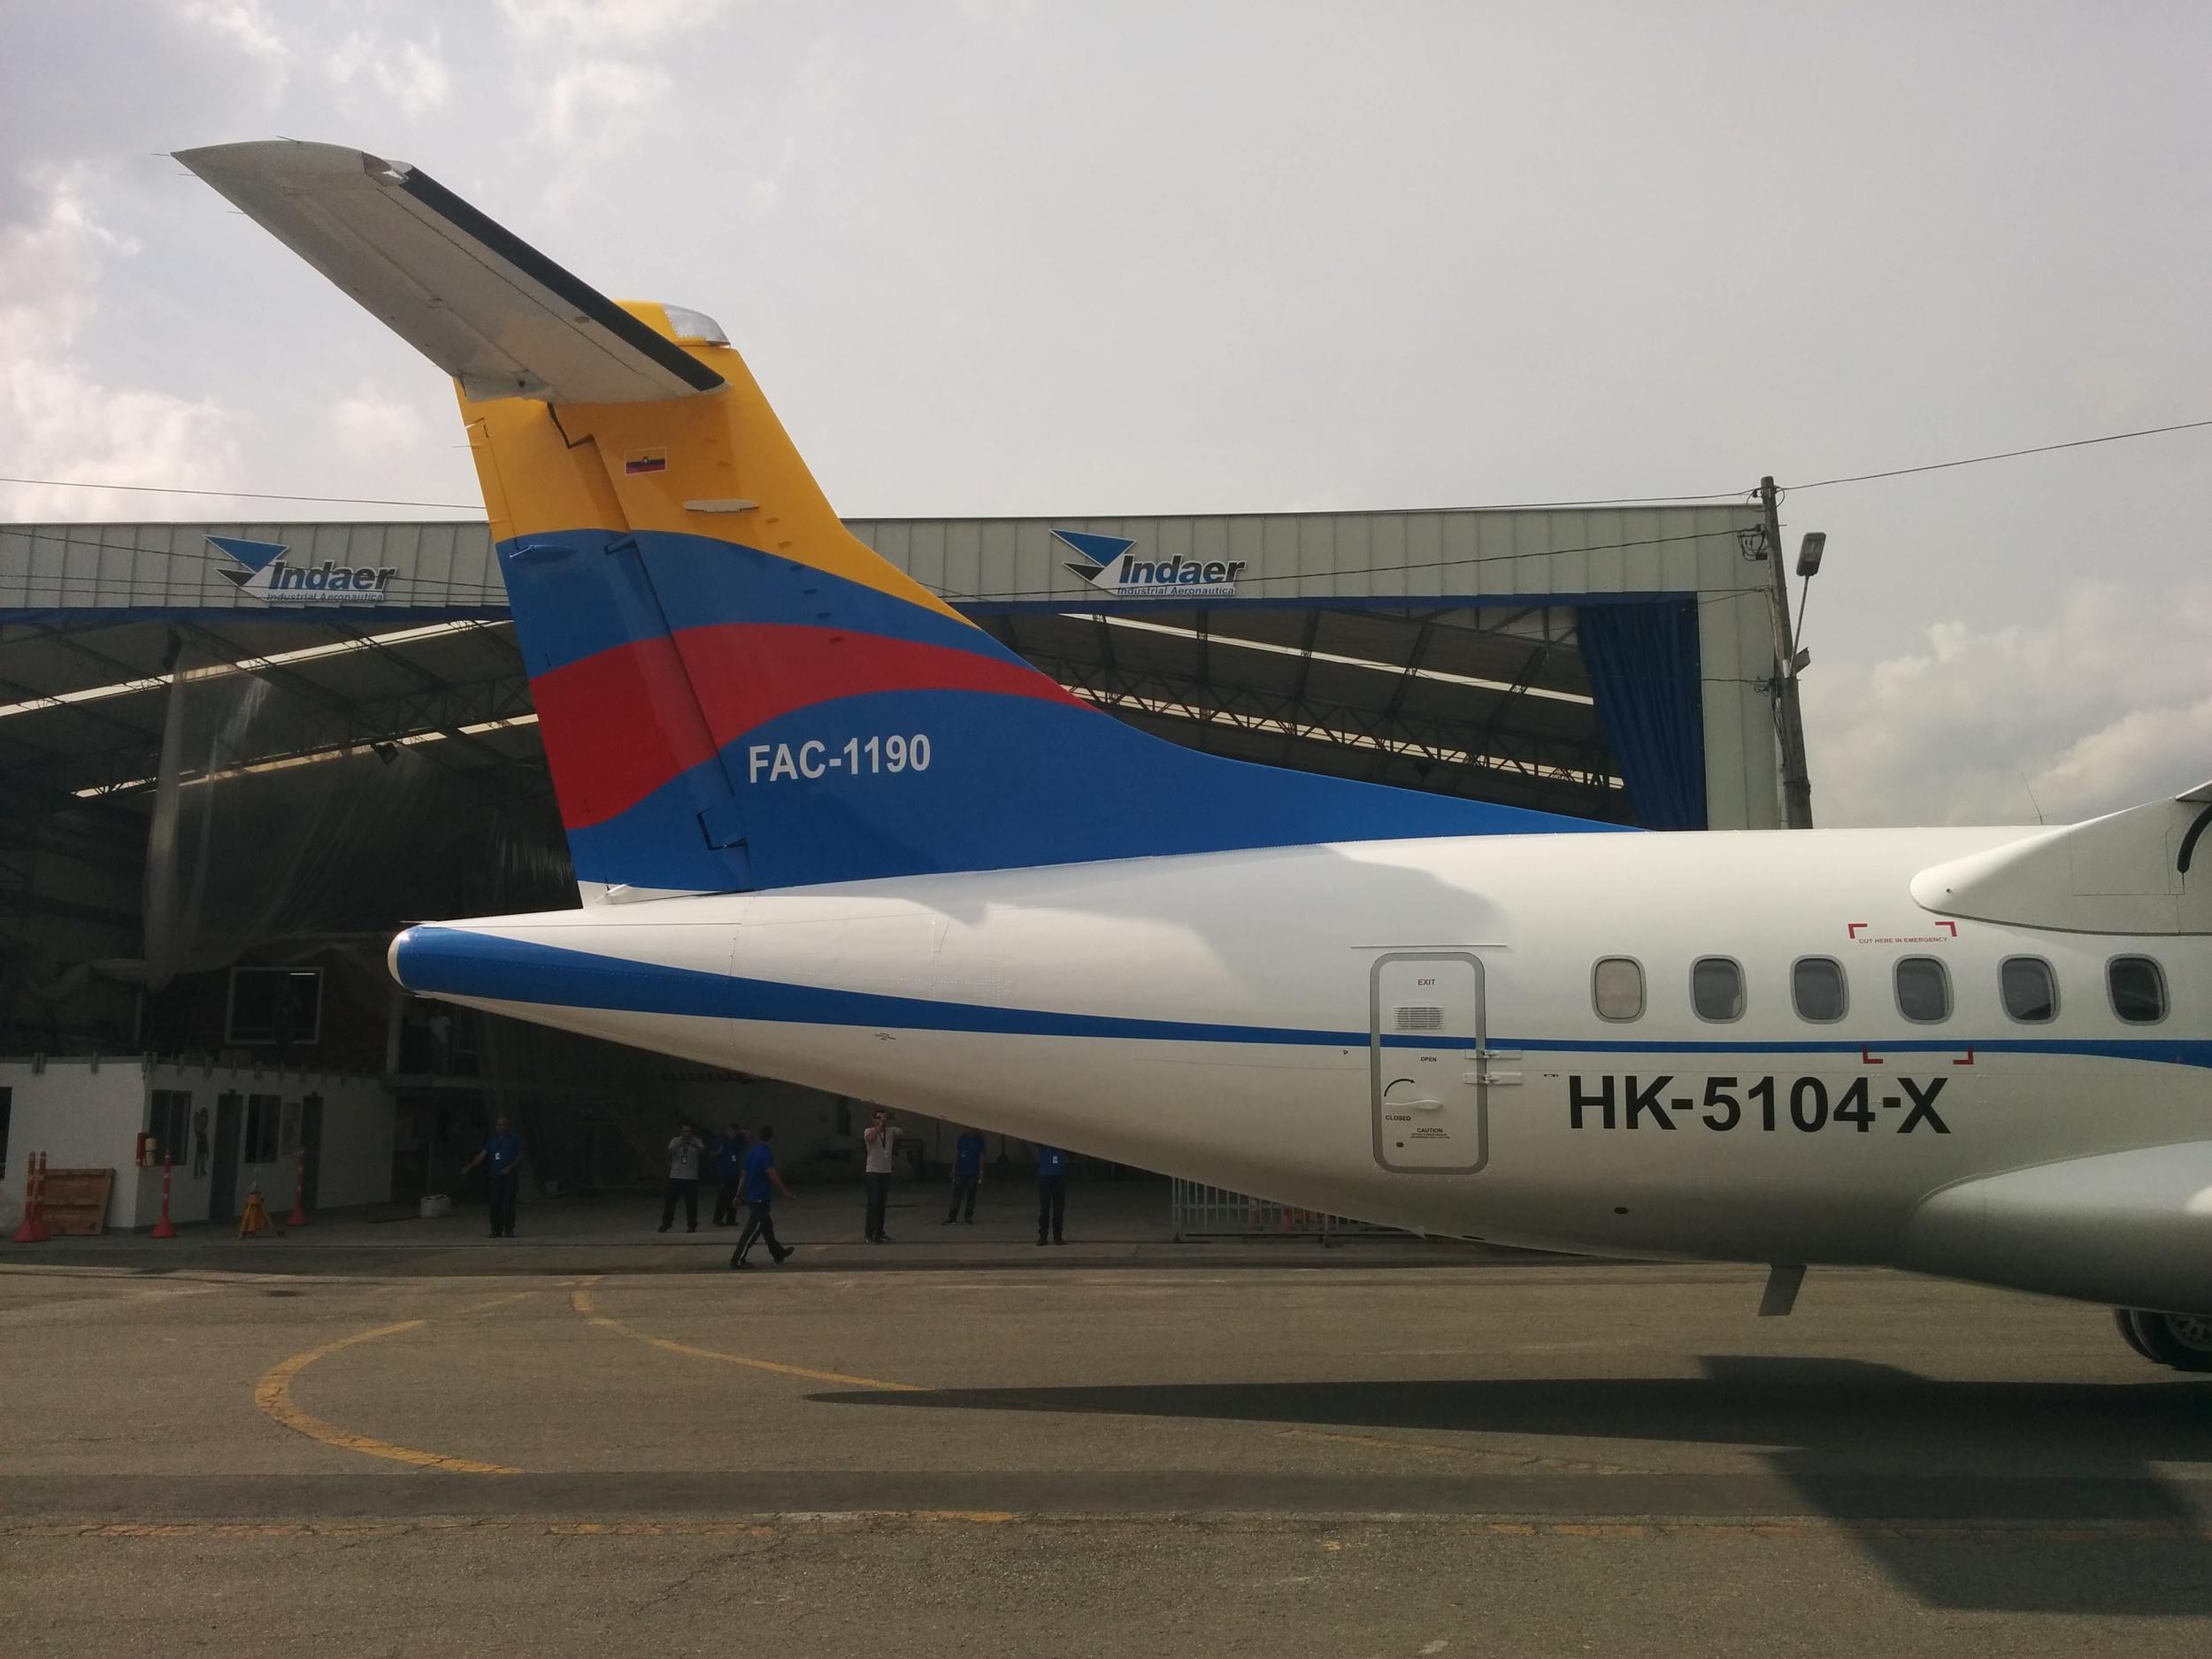 ATR 72 and ATR 42 aircraft paint livery